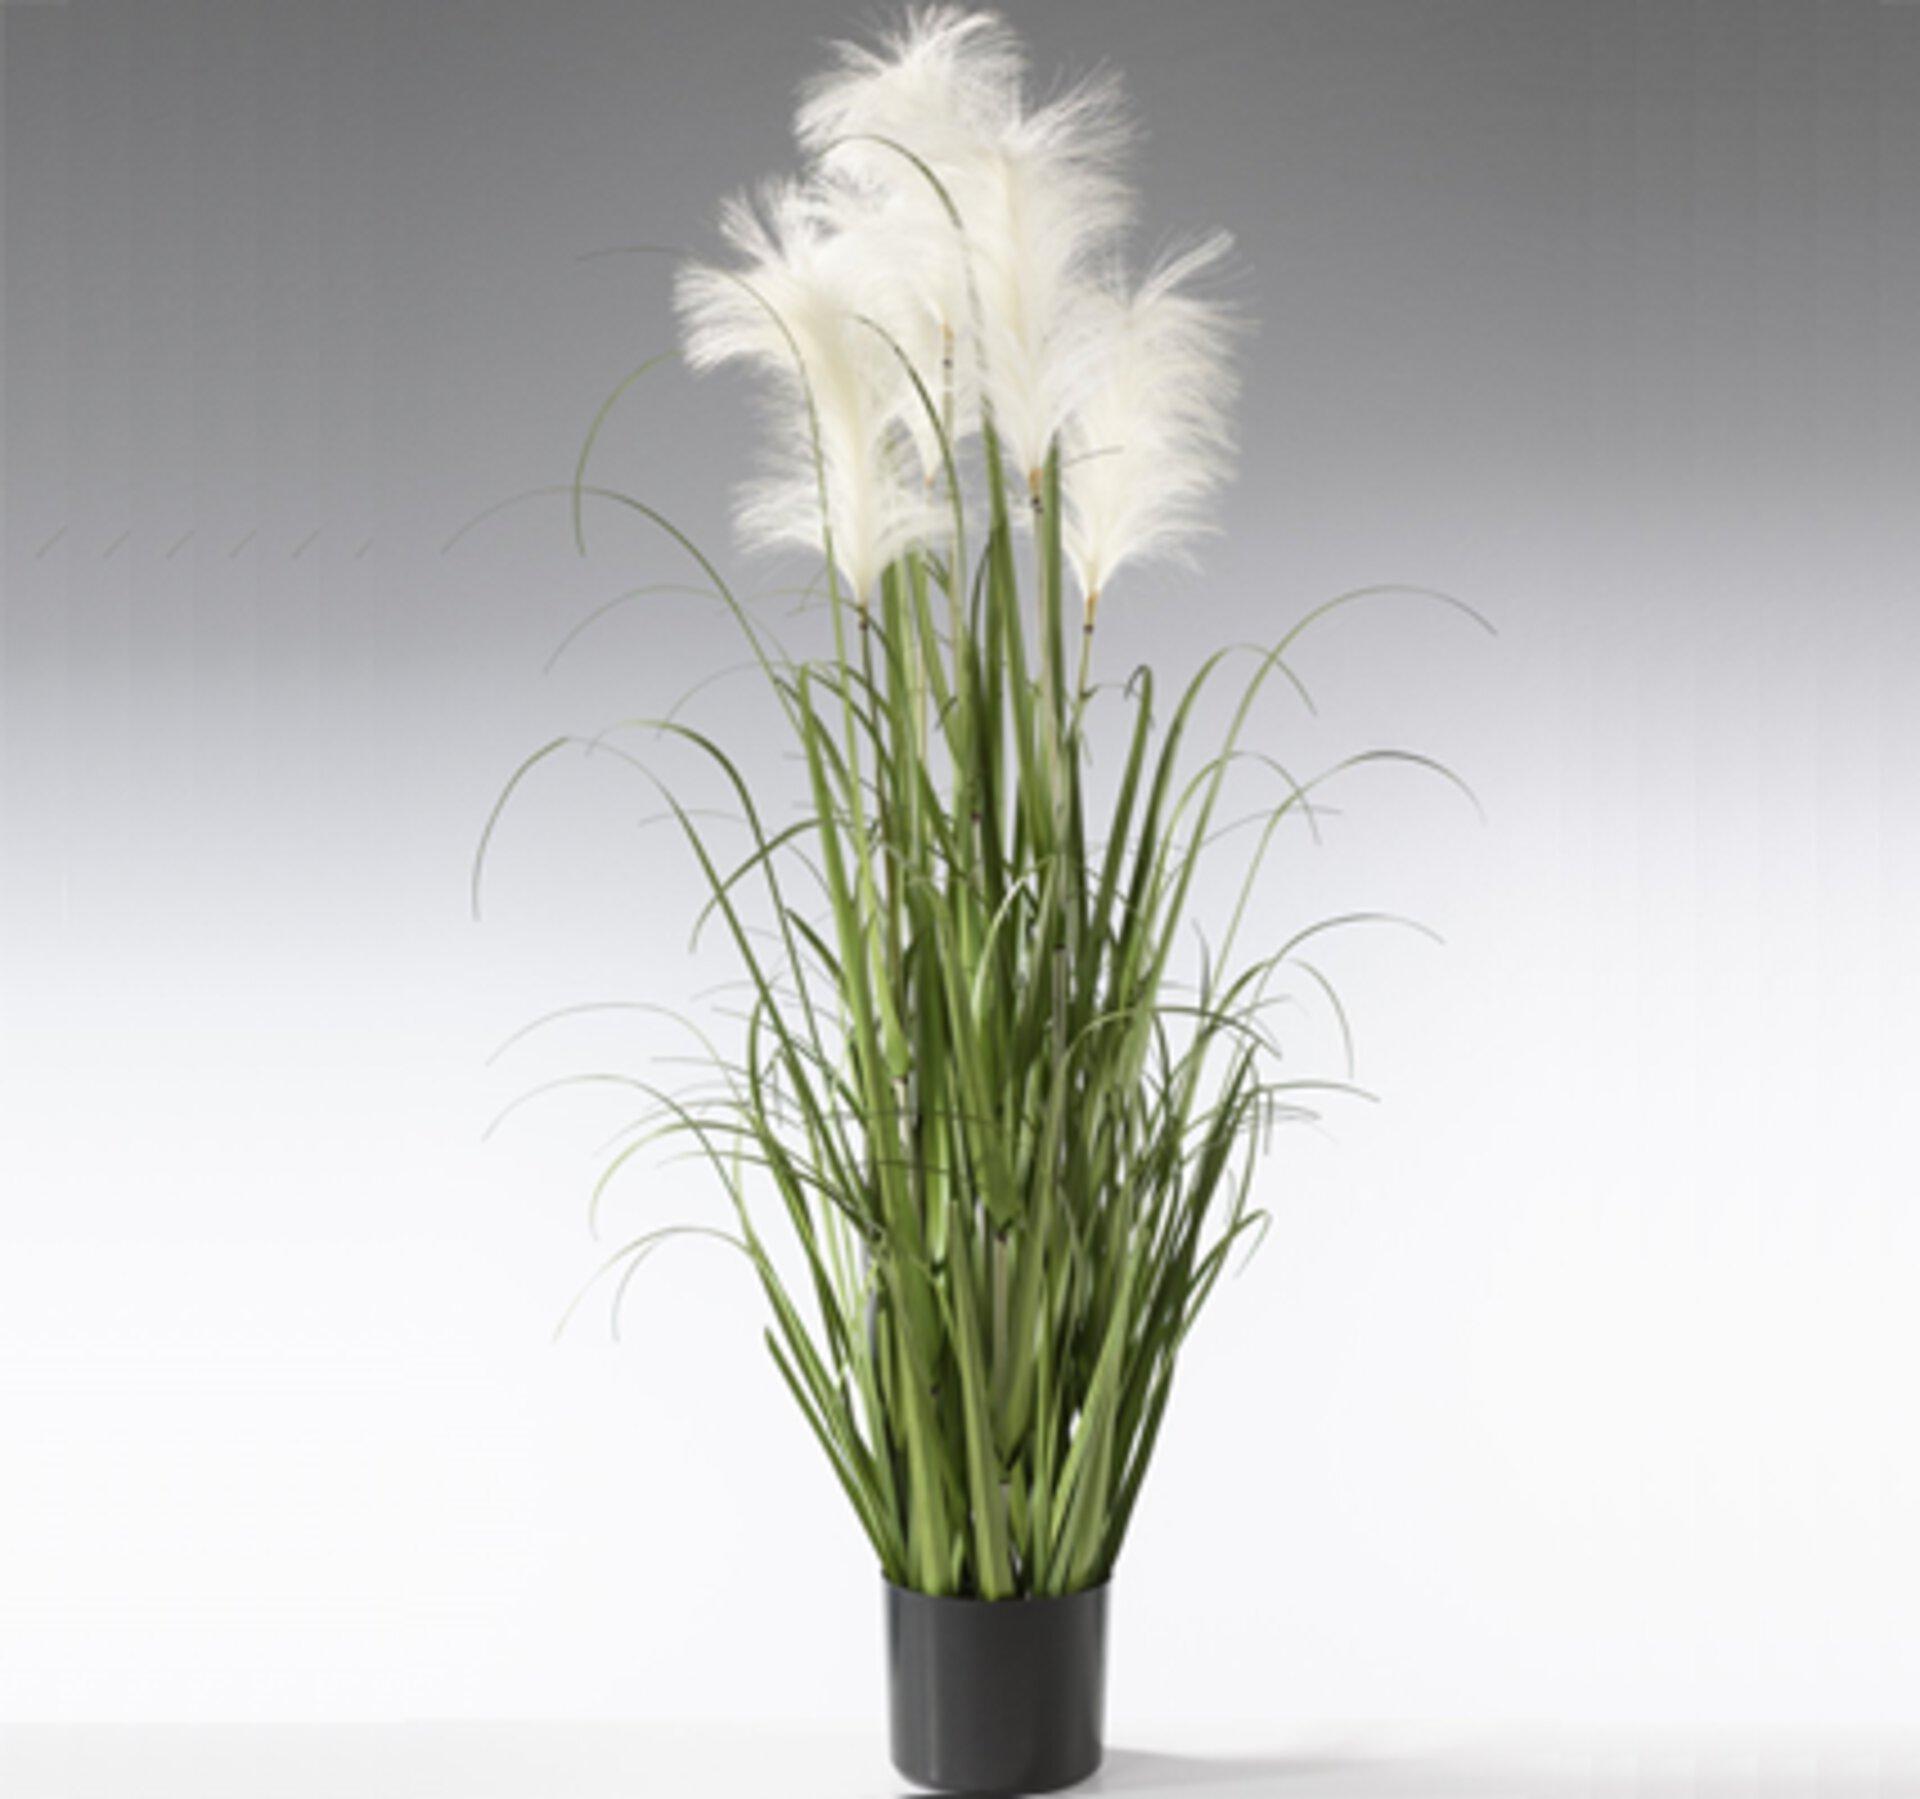 Kunstpflanze Head Onion Grass